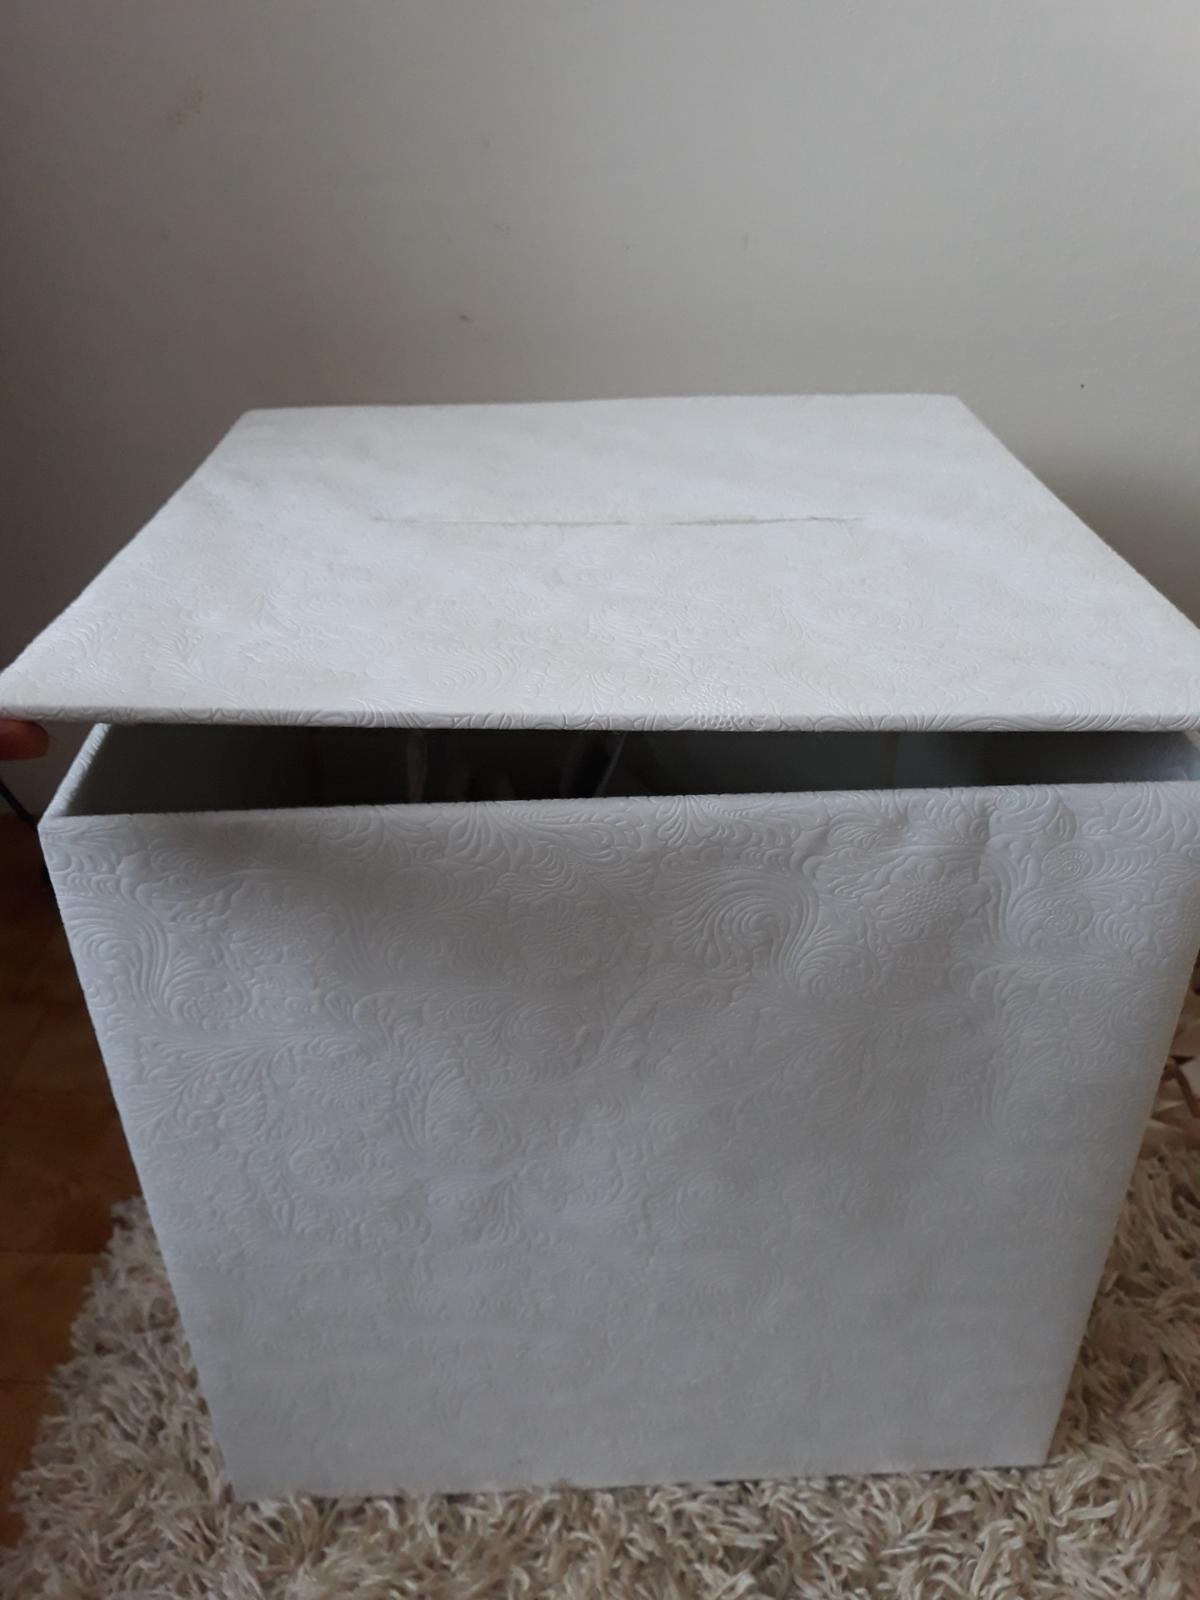 Krabice na blahopřání - Obrázek č. 3